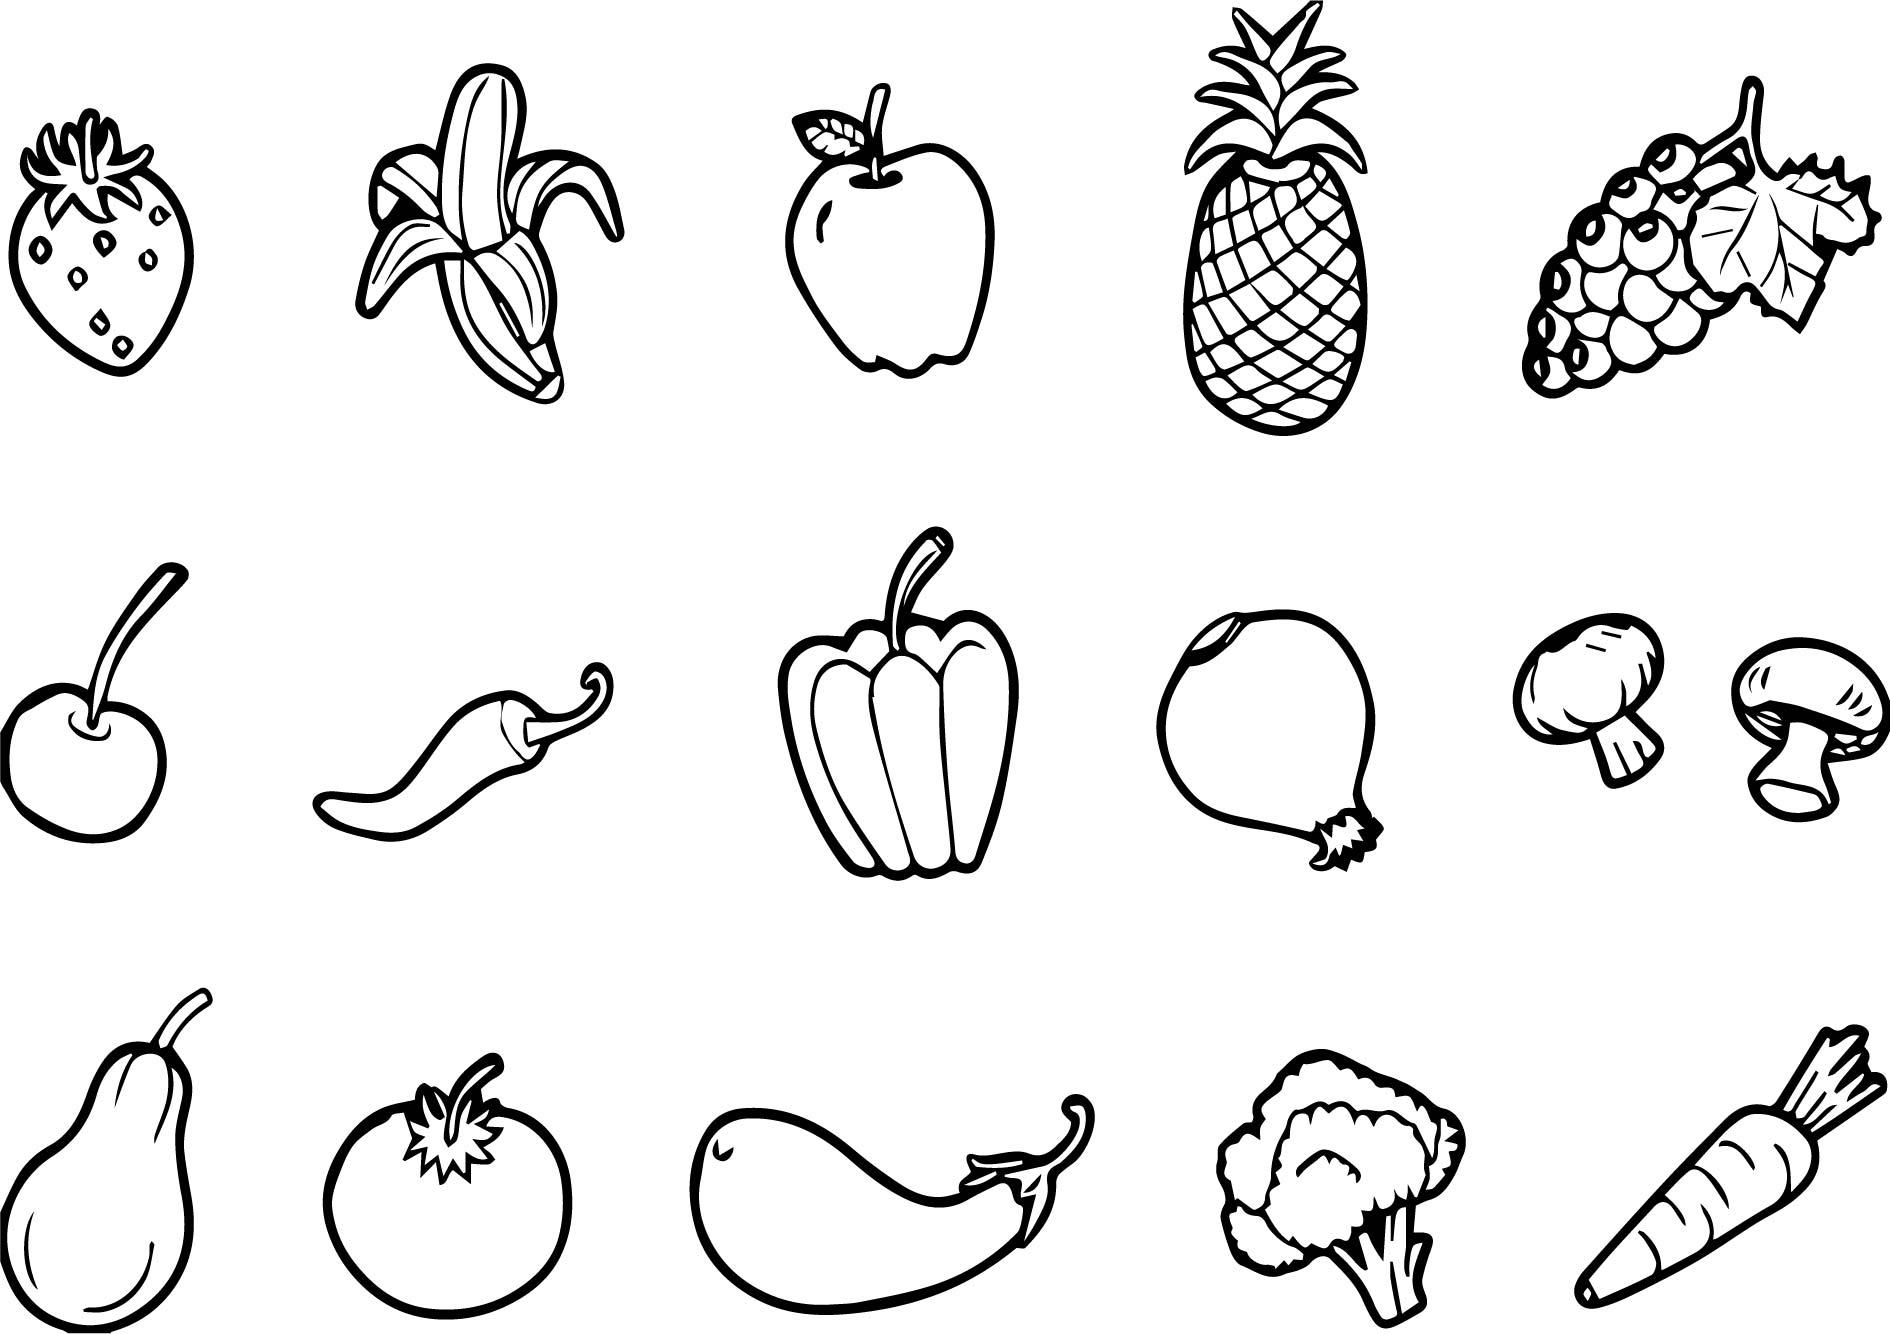 Tranh tô màu trái cây hoa quả